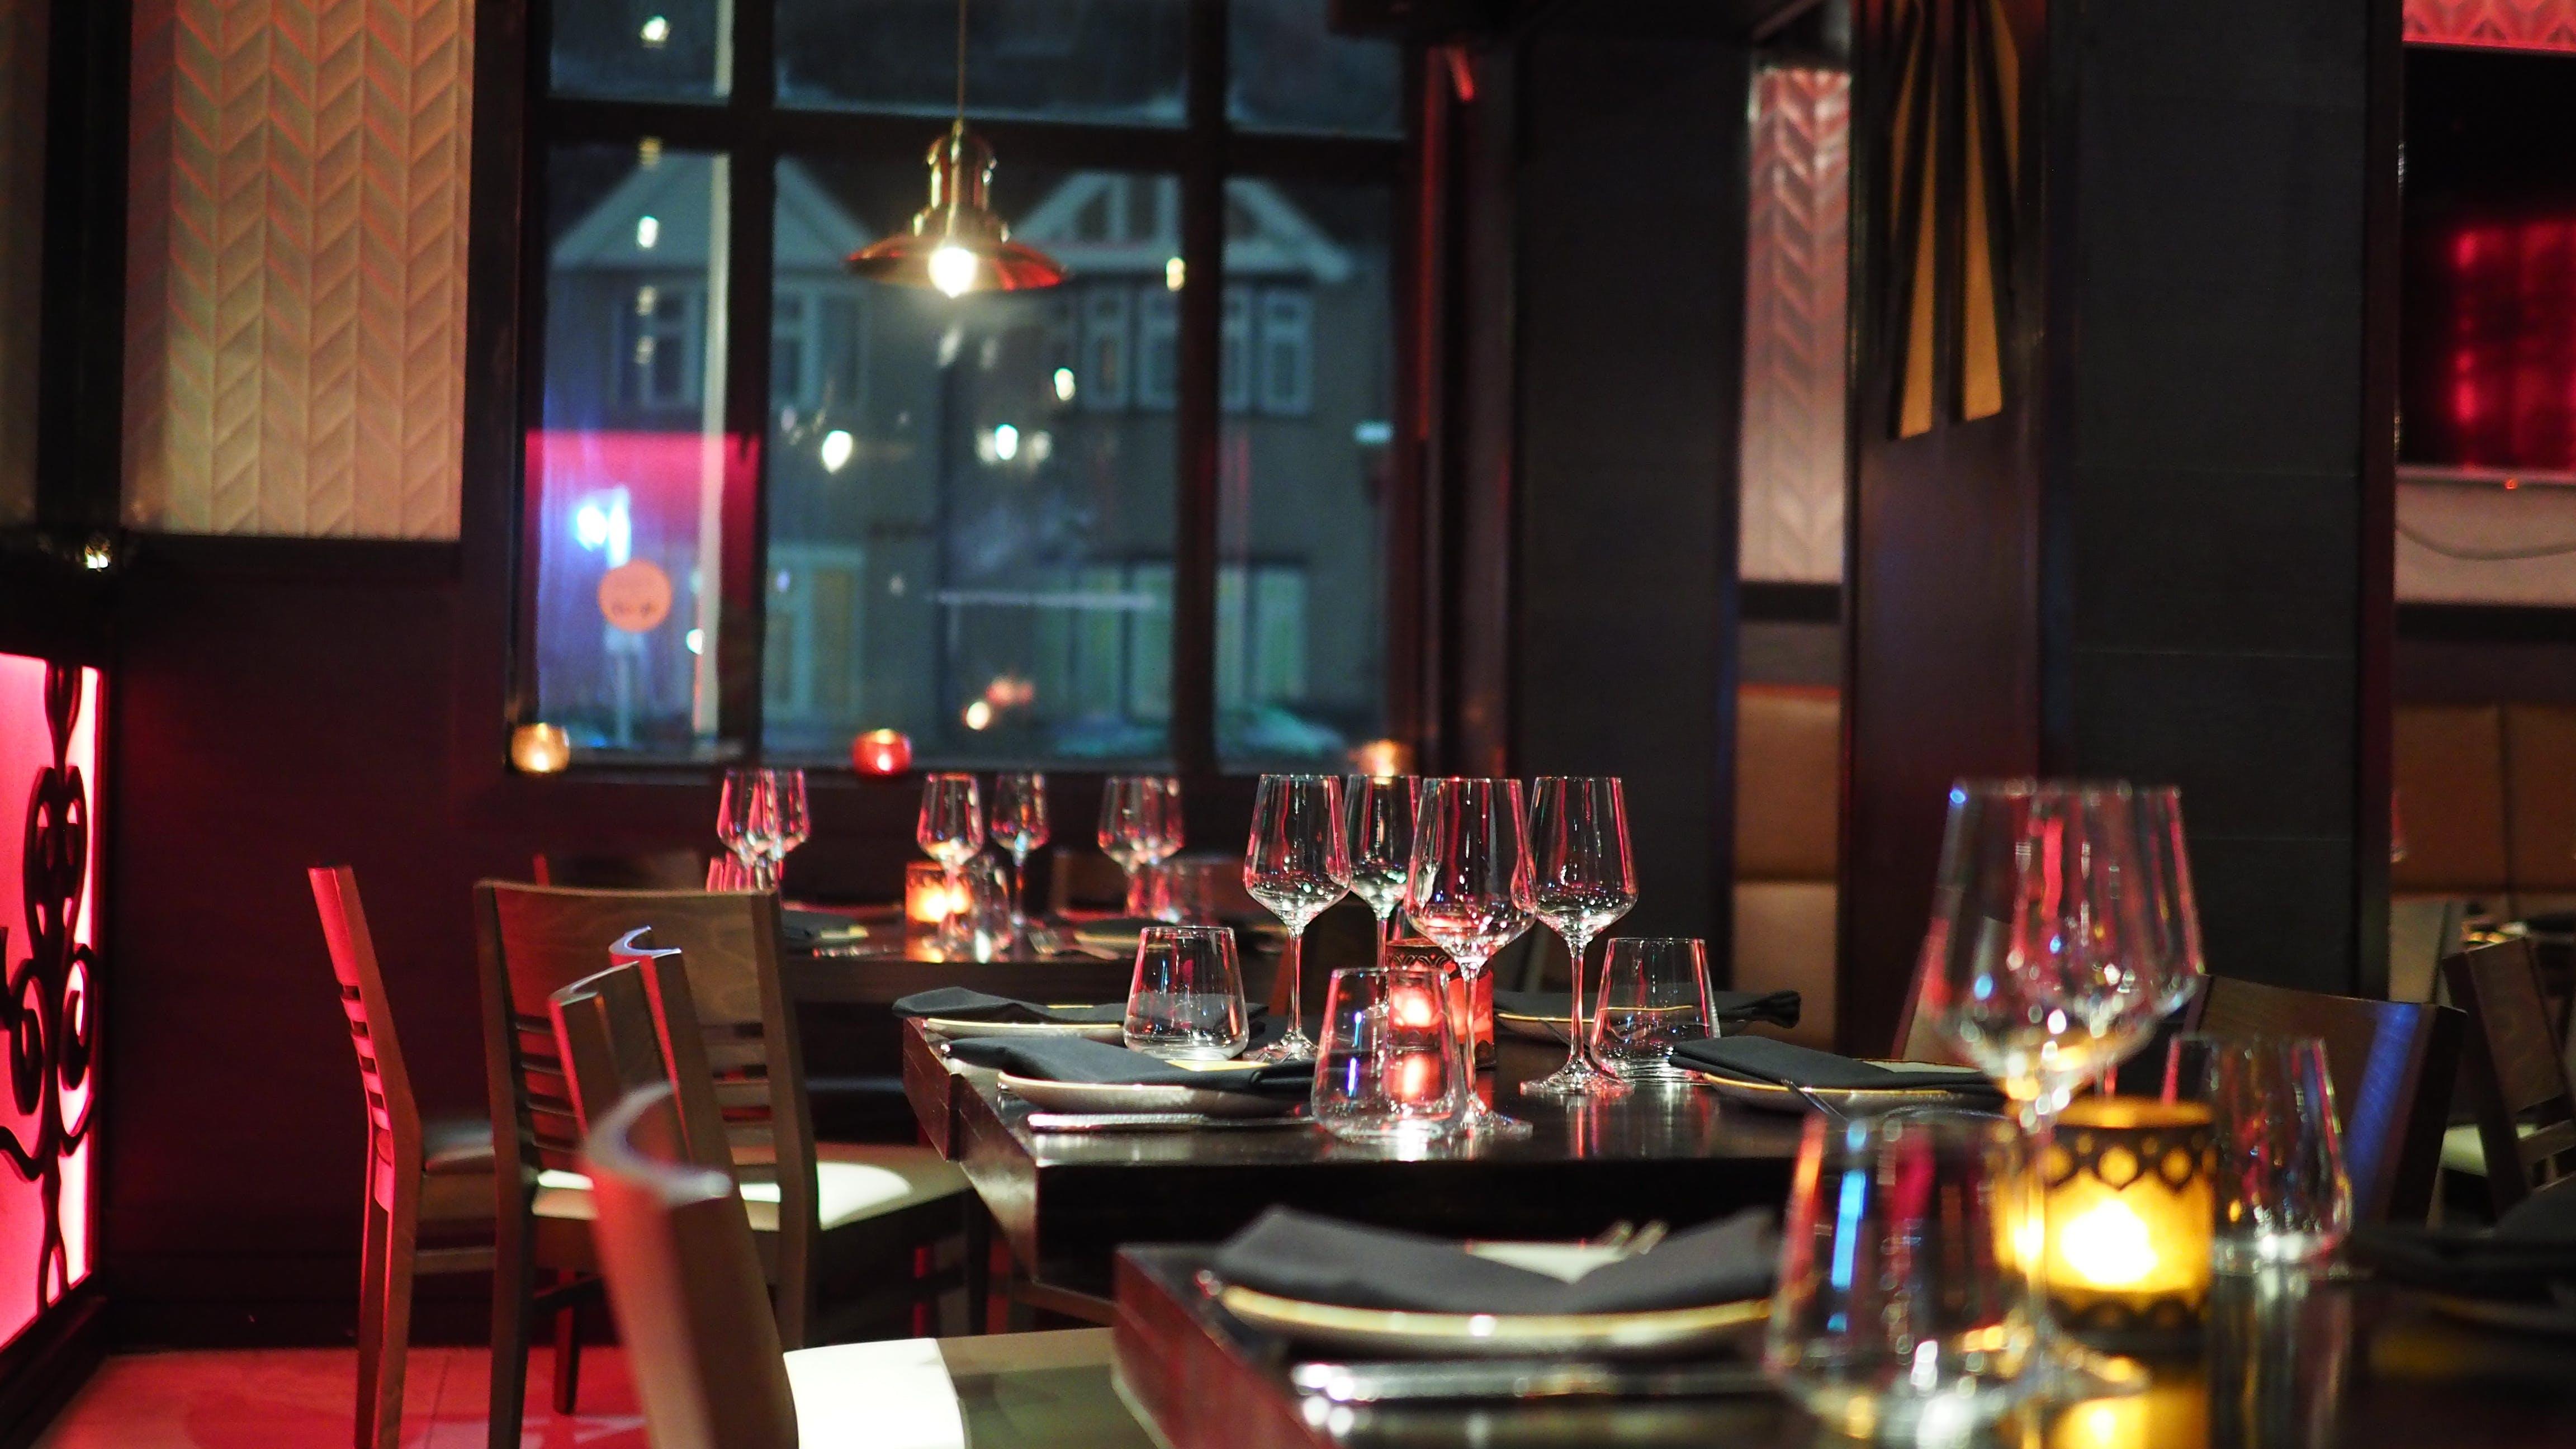 การรับประทานอาหาร, การออกแบบตกแต่งภายใน, ของบนโต๊ะอาหาร